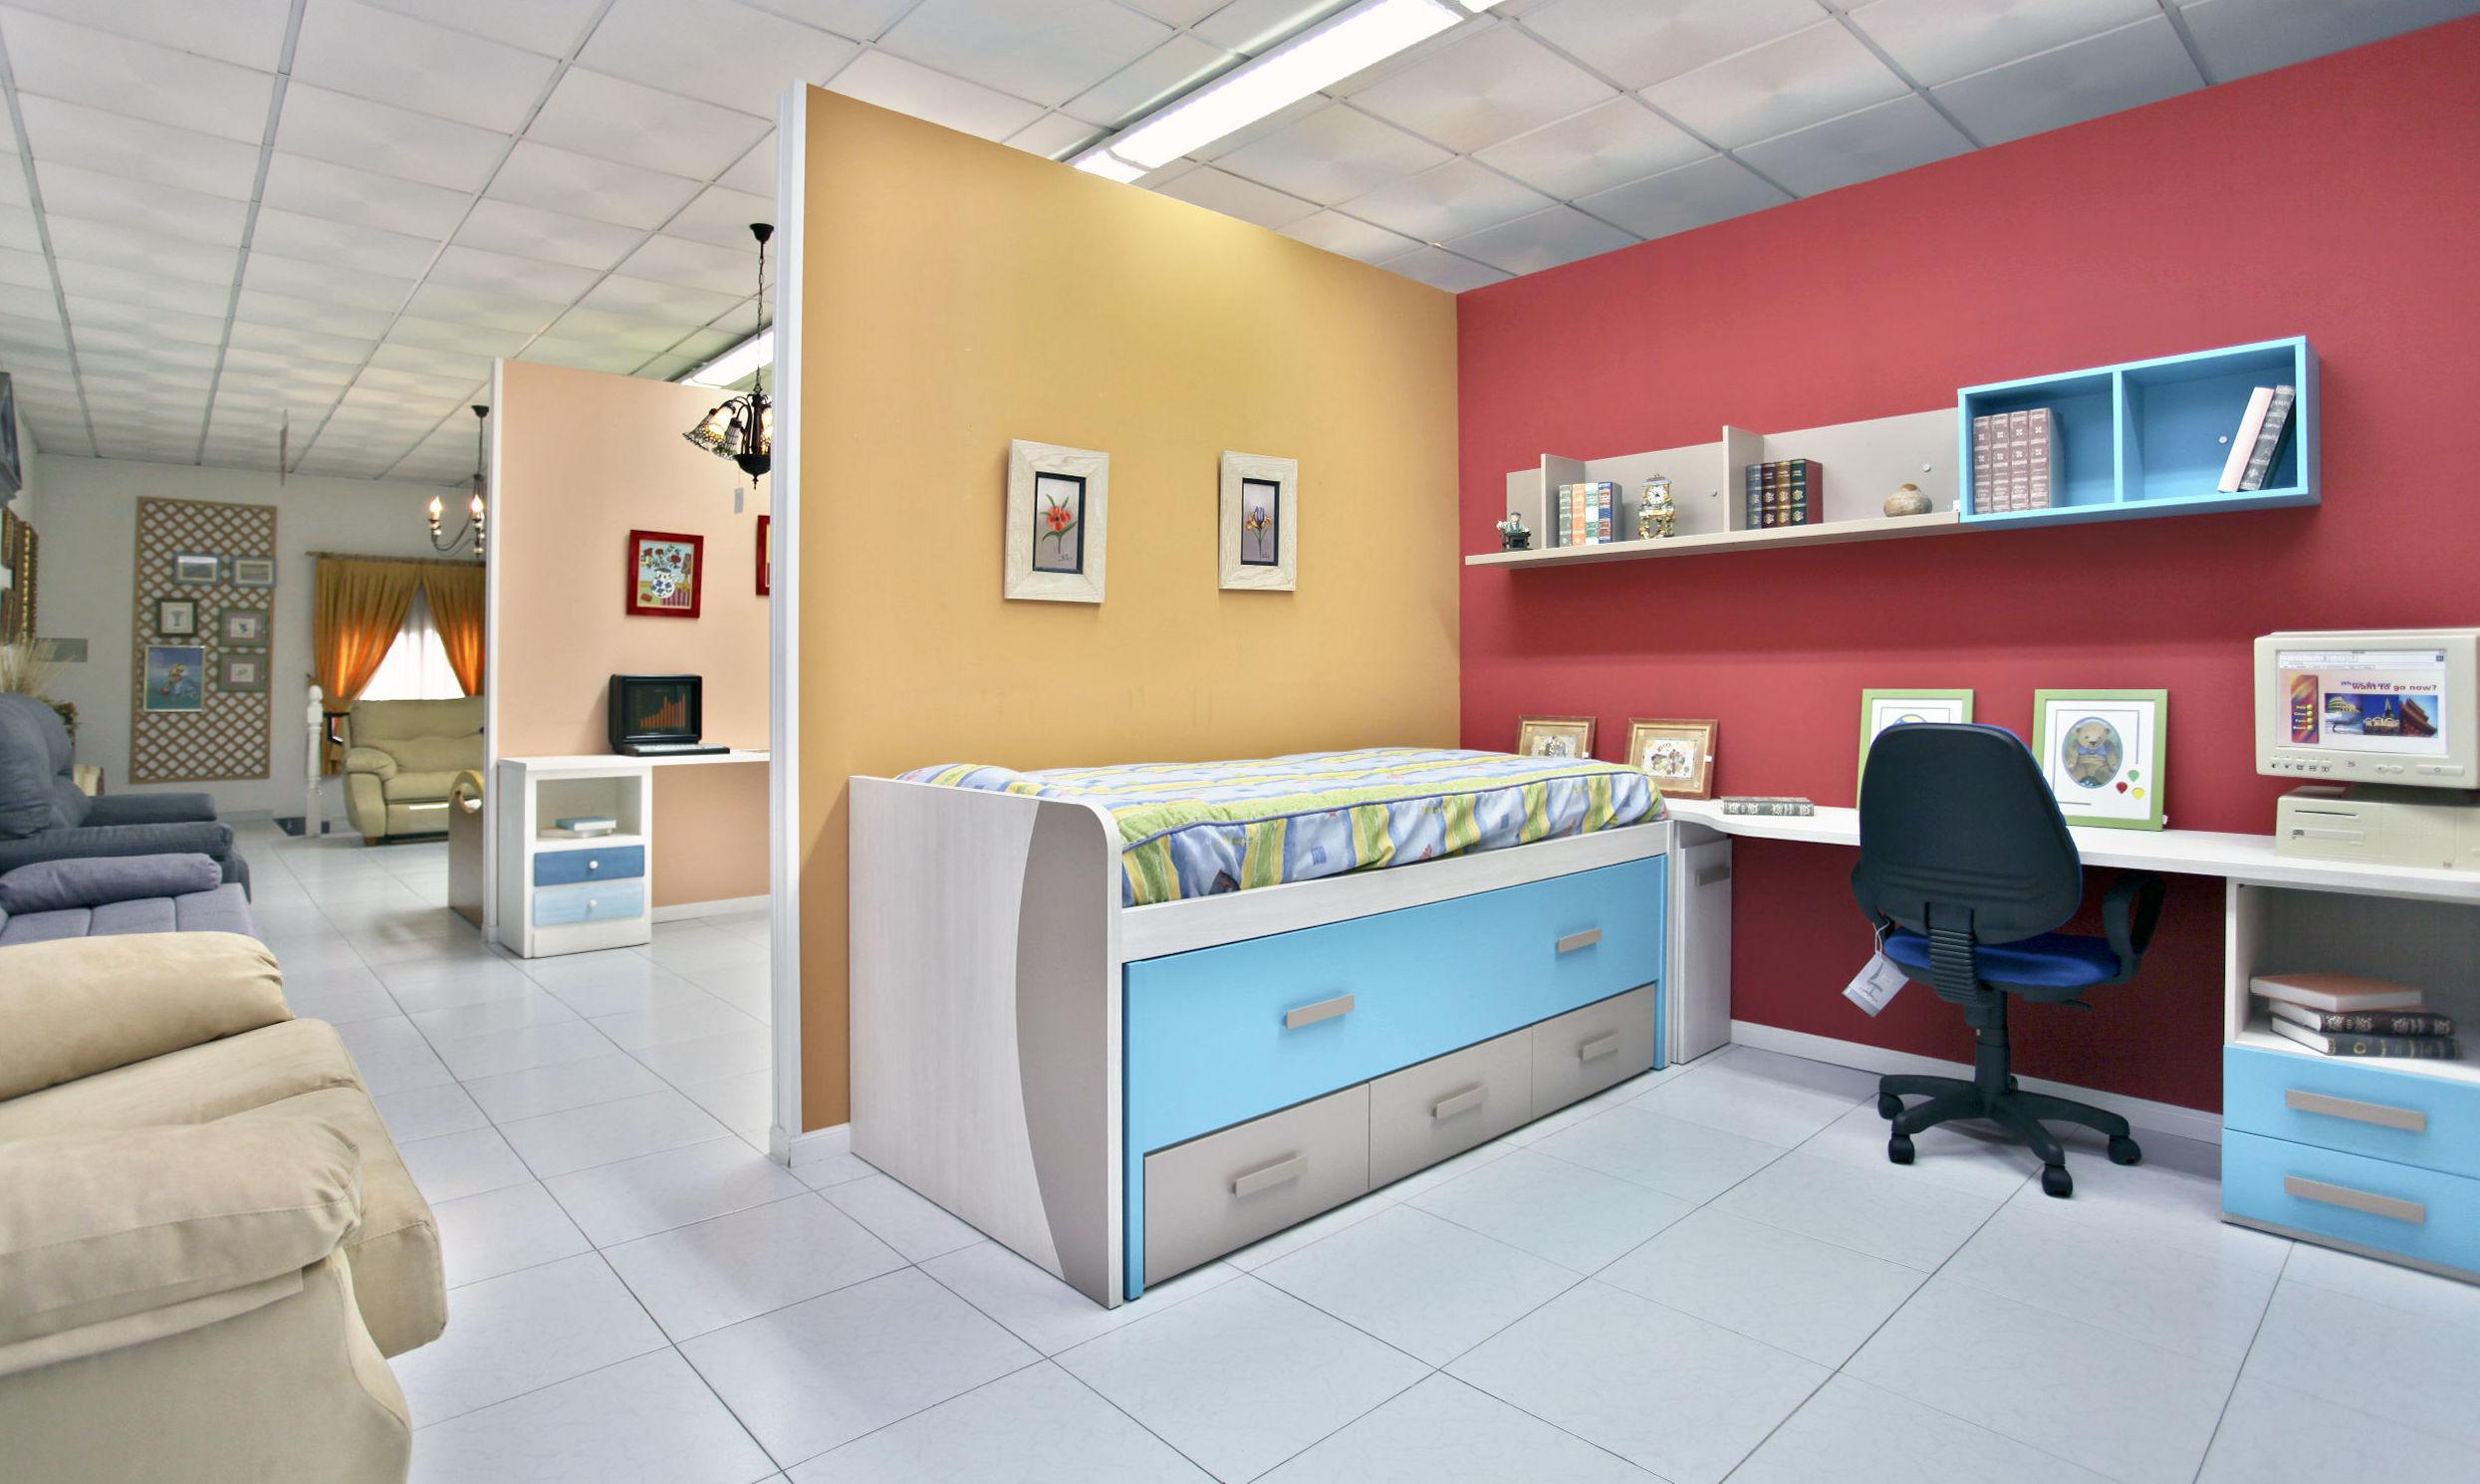 Dormitorios juveniles en Madrid sur